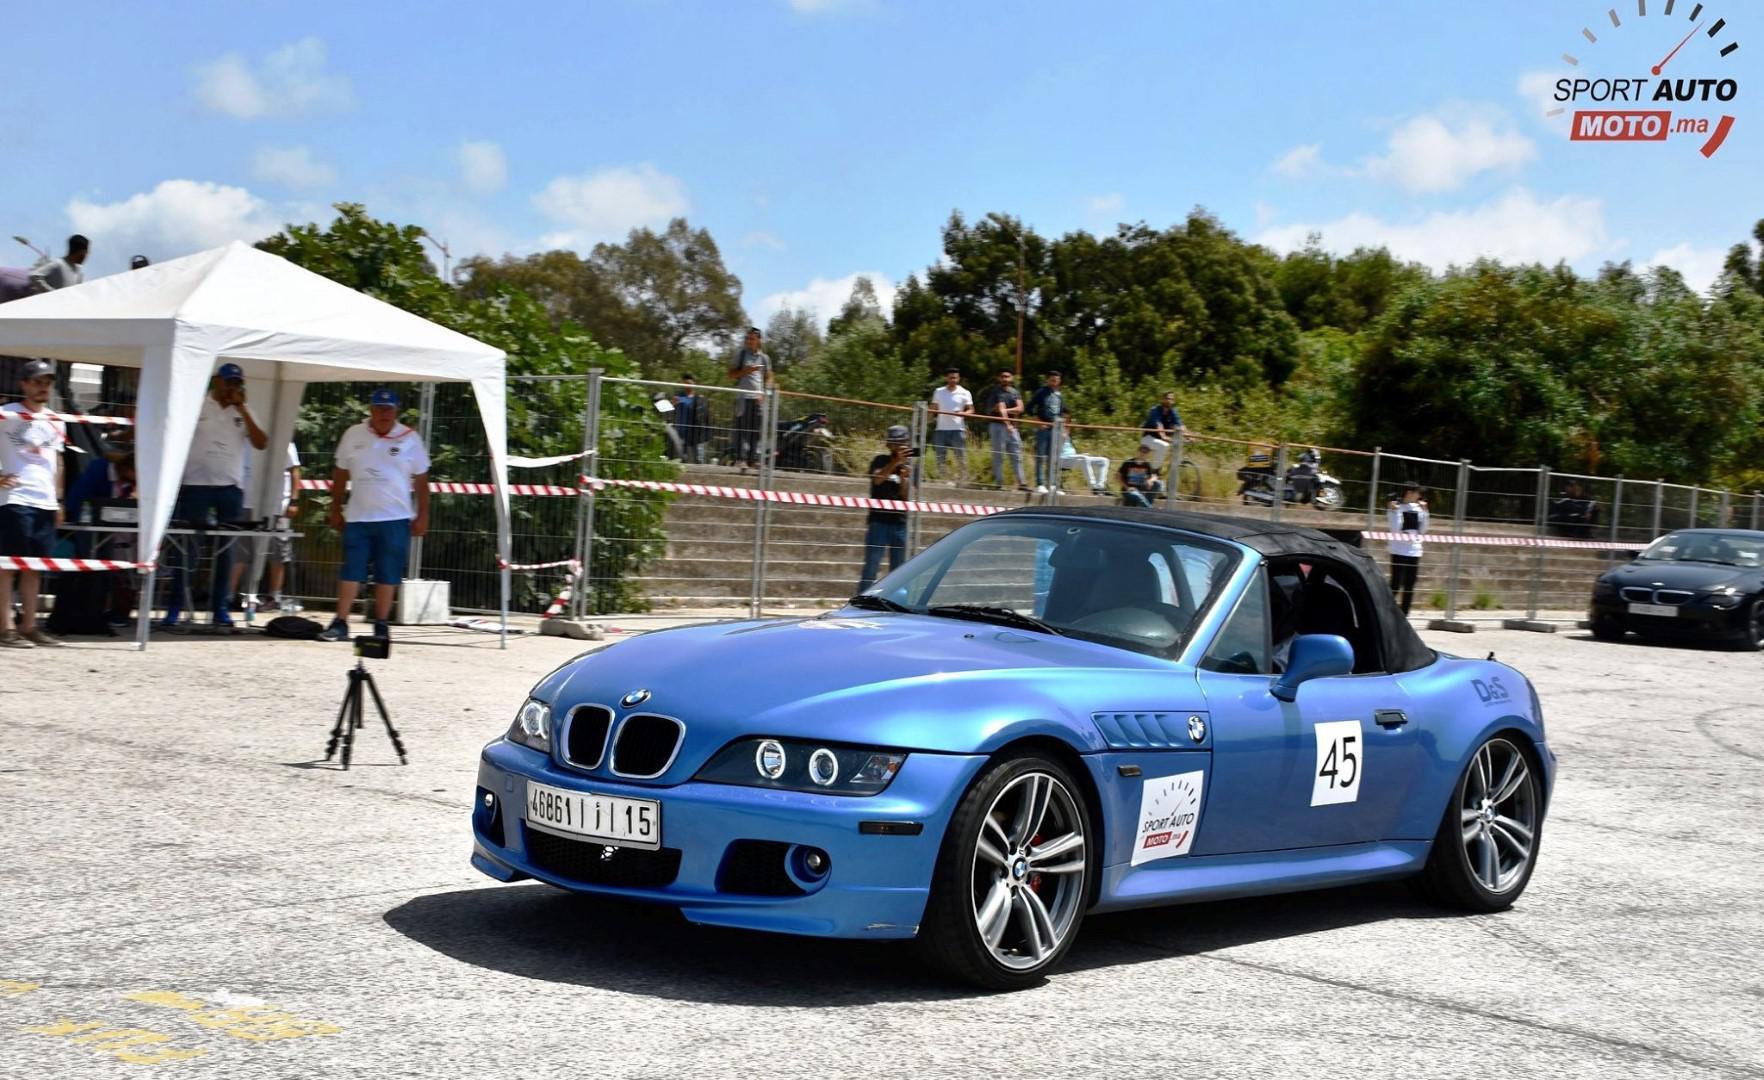 voitures-de-sports-qui-auront-25-ans-aujourd-hui-1269-21.jpg